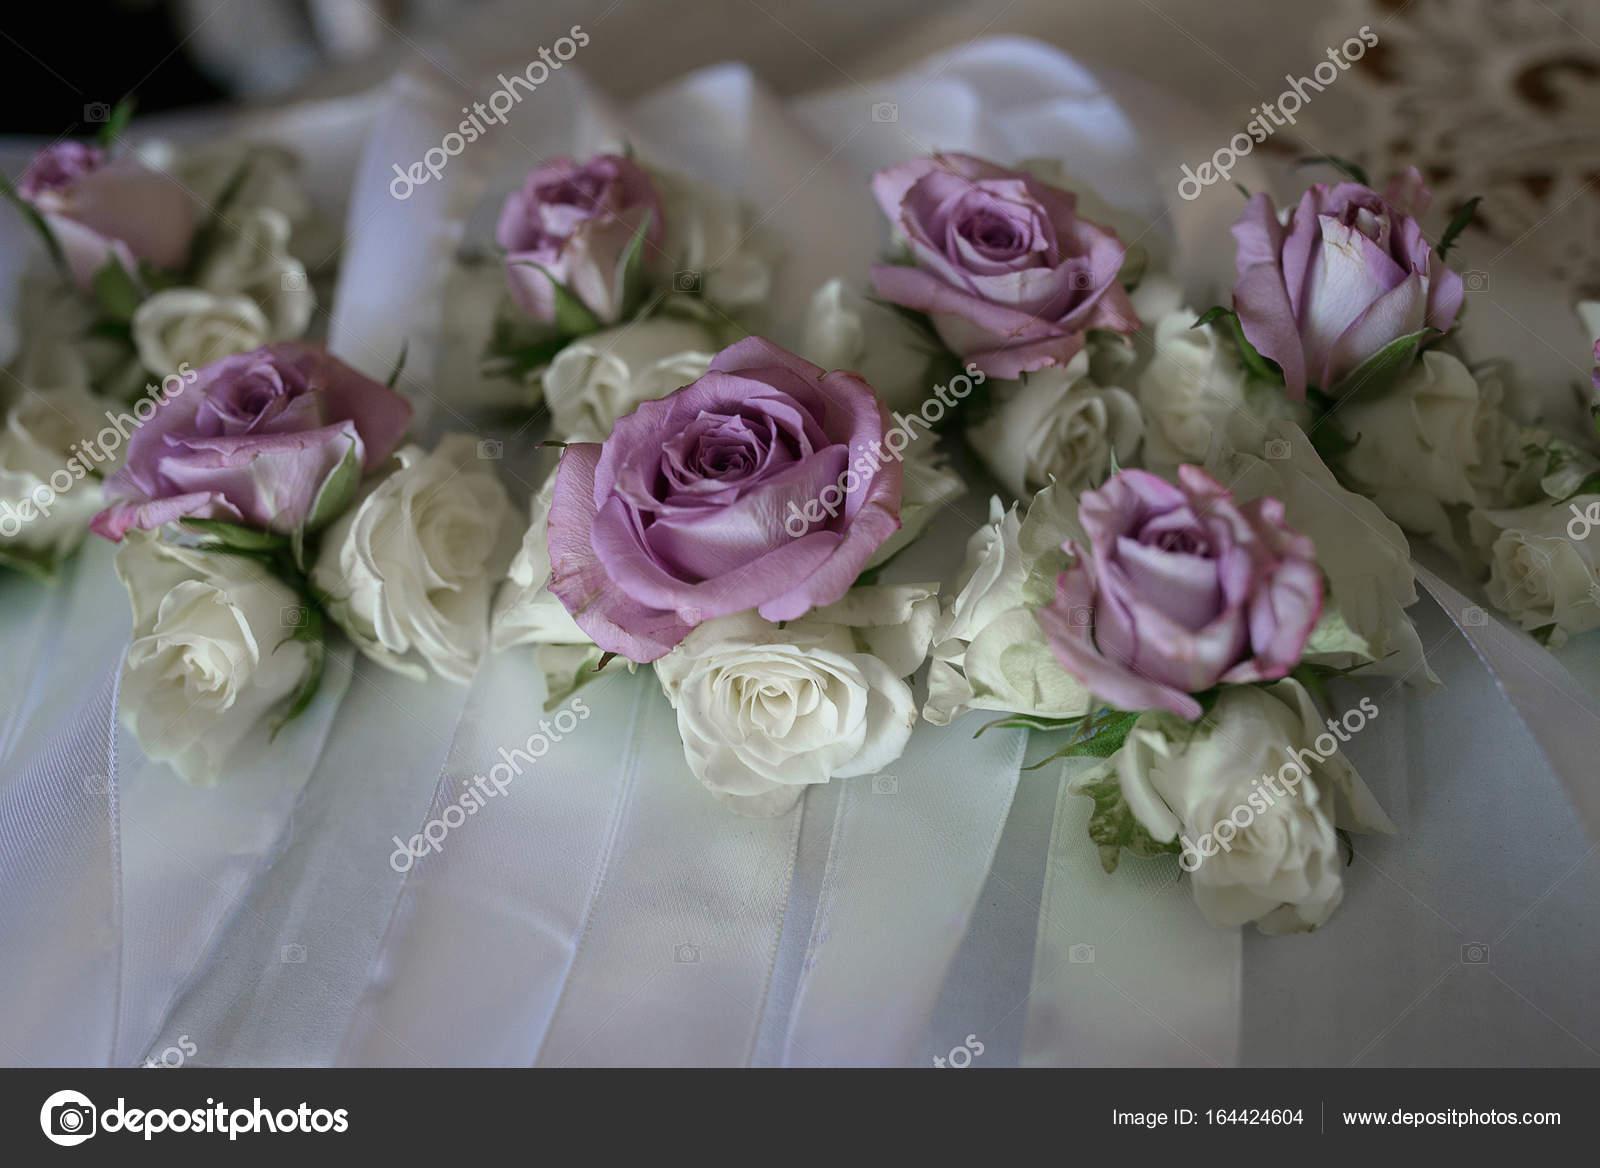 Accesorios Para Bodas Arreglo Floral Con Rosas Papel Fino